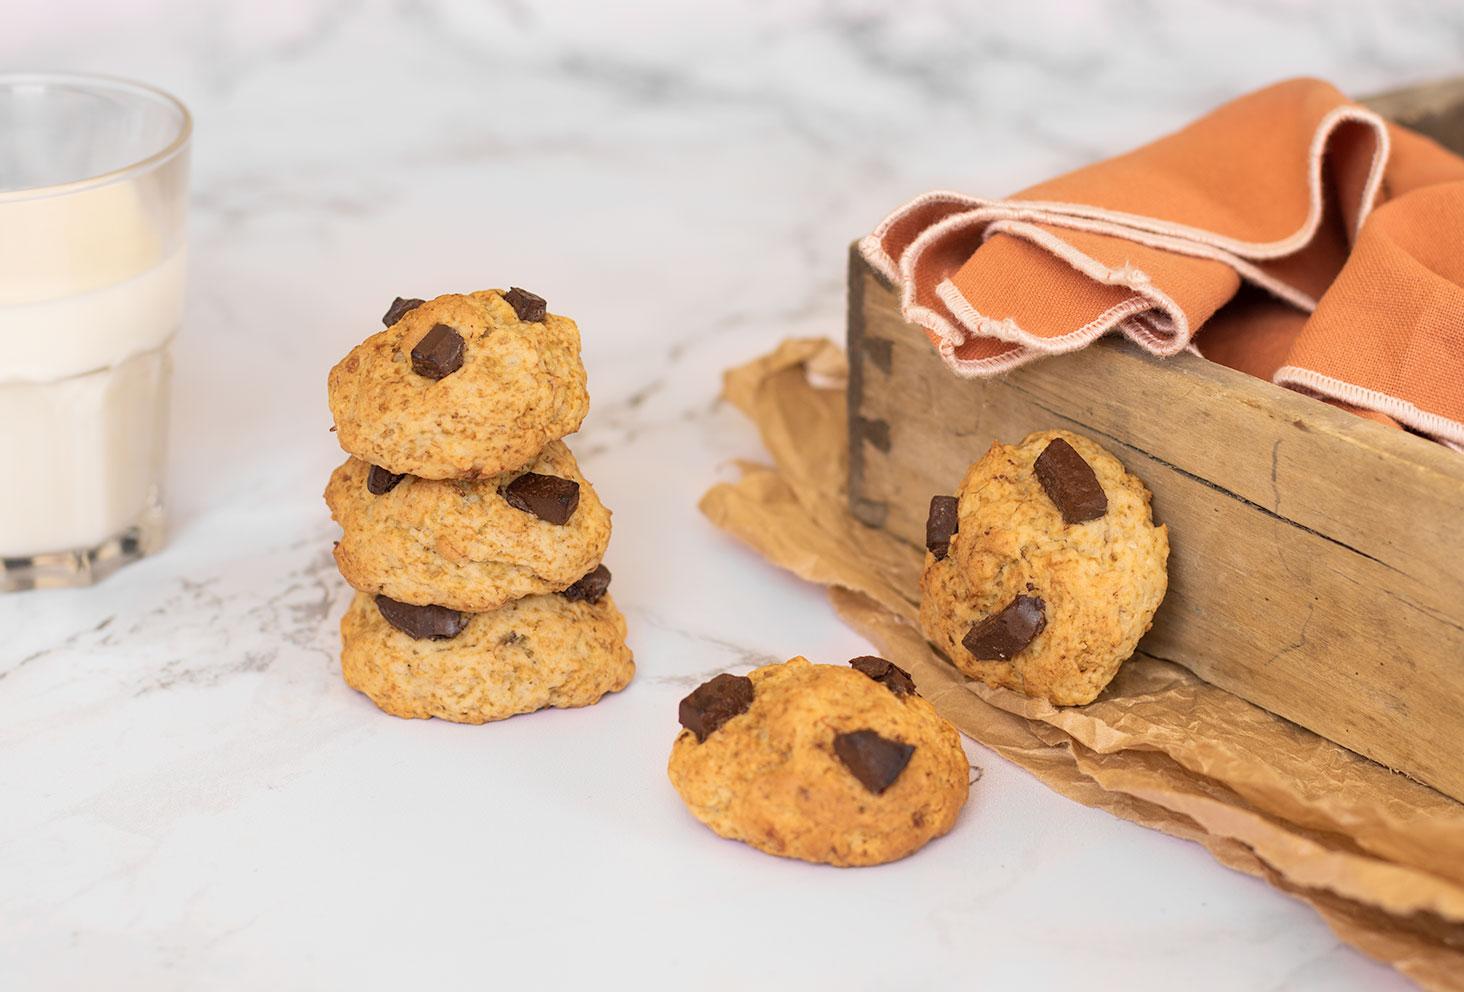 Cookies aux pépites de chocolat noir posés sur une table en marbre près d'une caisse en bois et d'un verre de lait